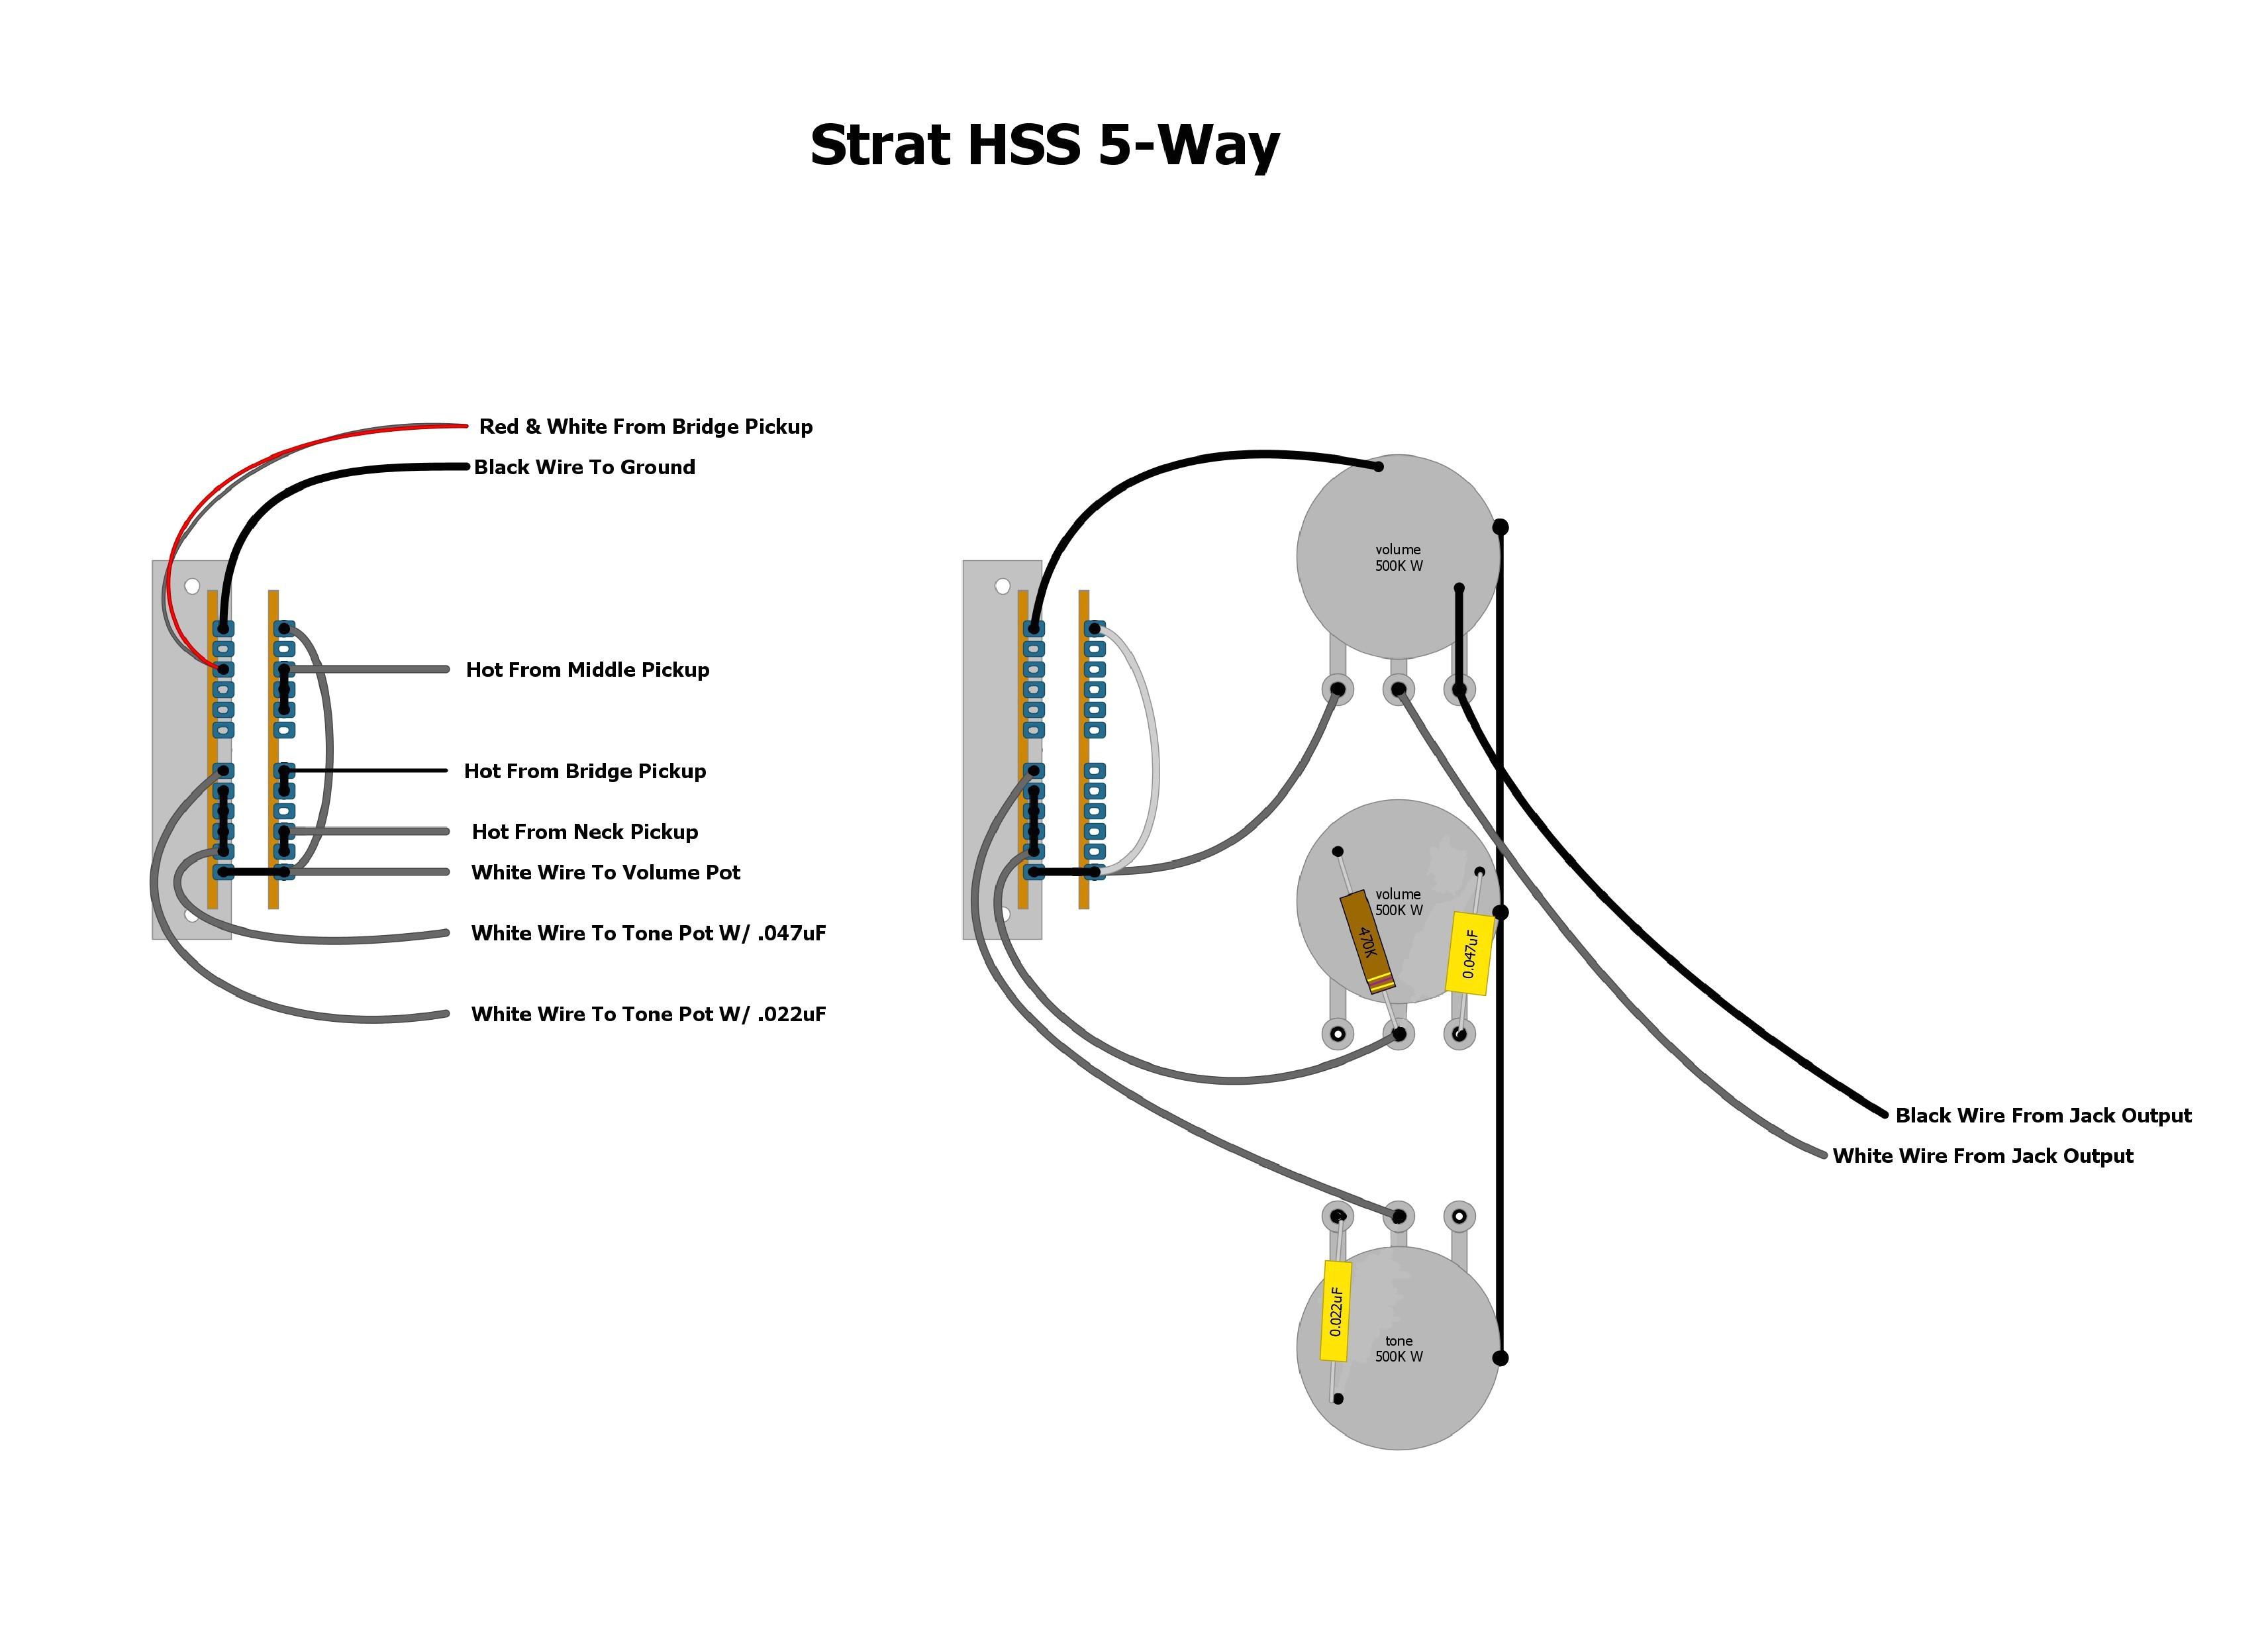 Guitar Wiring Diagrams 1 Pickup Free Download Guitar Wiring Diagrams 3 Wiring Diagram Show